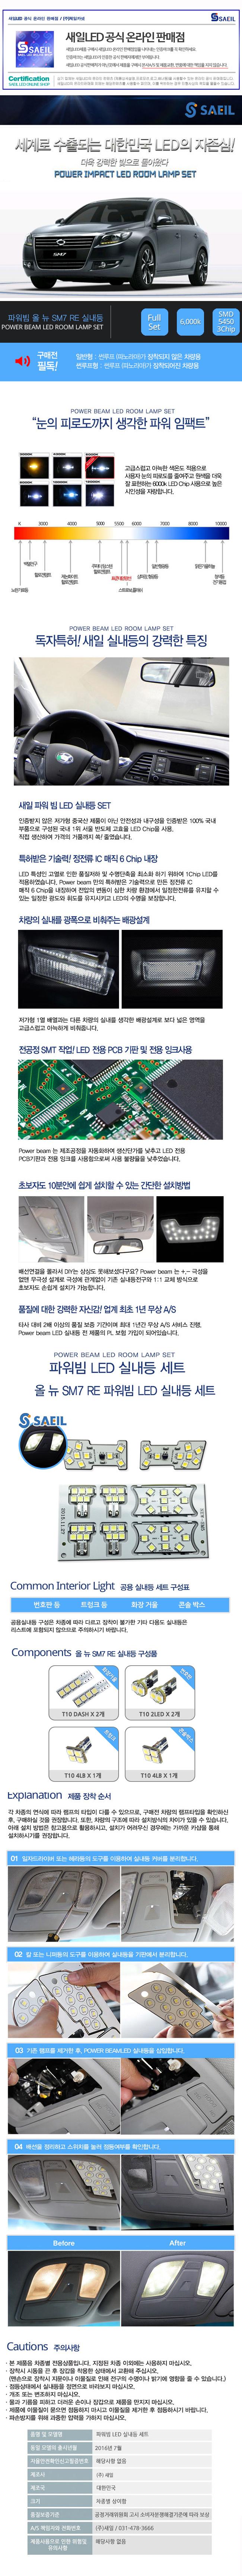 [파워임팩트] 새일 LED실내등 고급형 풀세트 _ 올뉴SM7 RE